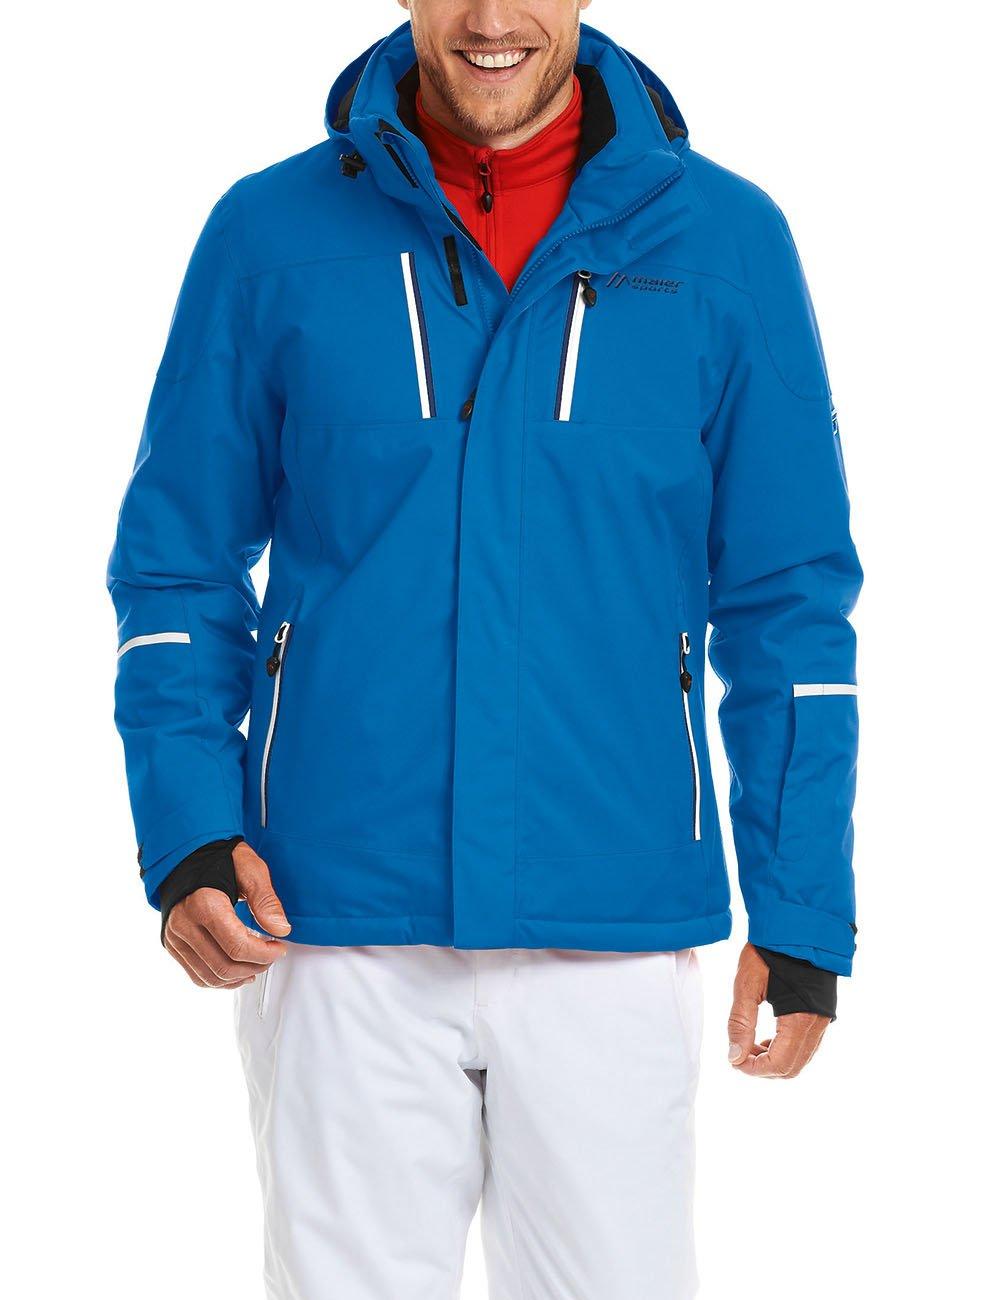 Bleu olympique  Maier Sports Lupus Veste de Ski pour Homme